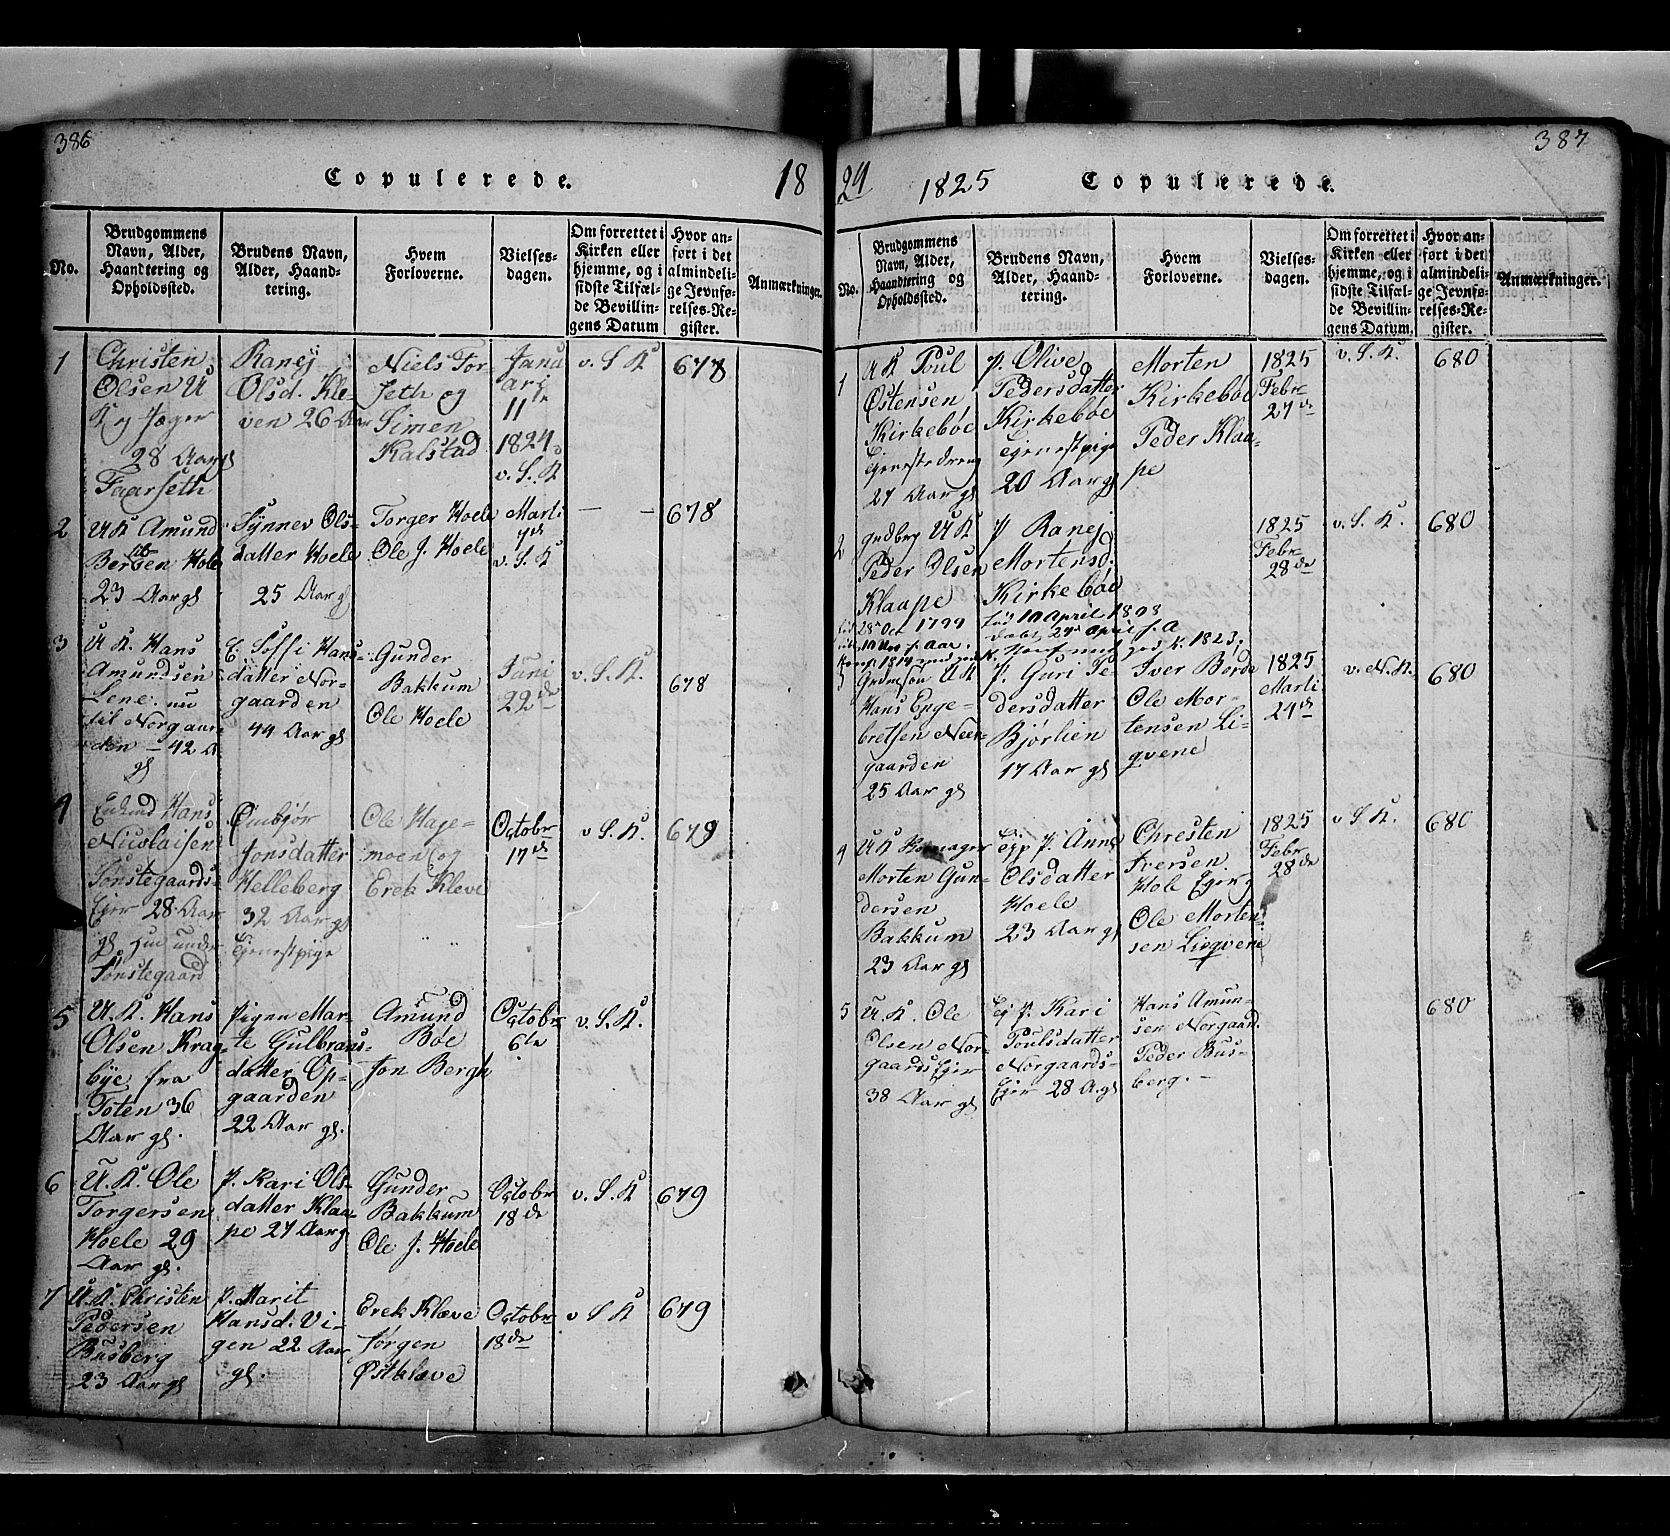 SAH, Gausdal prestekontor, Klokkerbok nr. 2, 1818-1874, s. 386-387